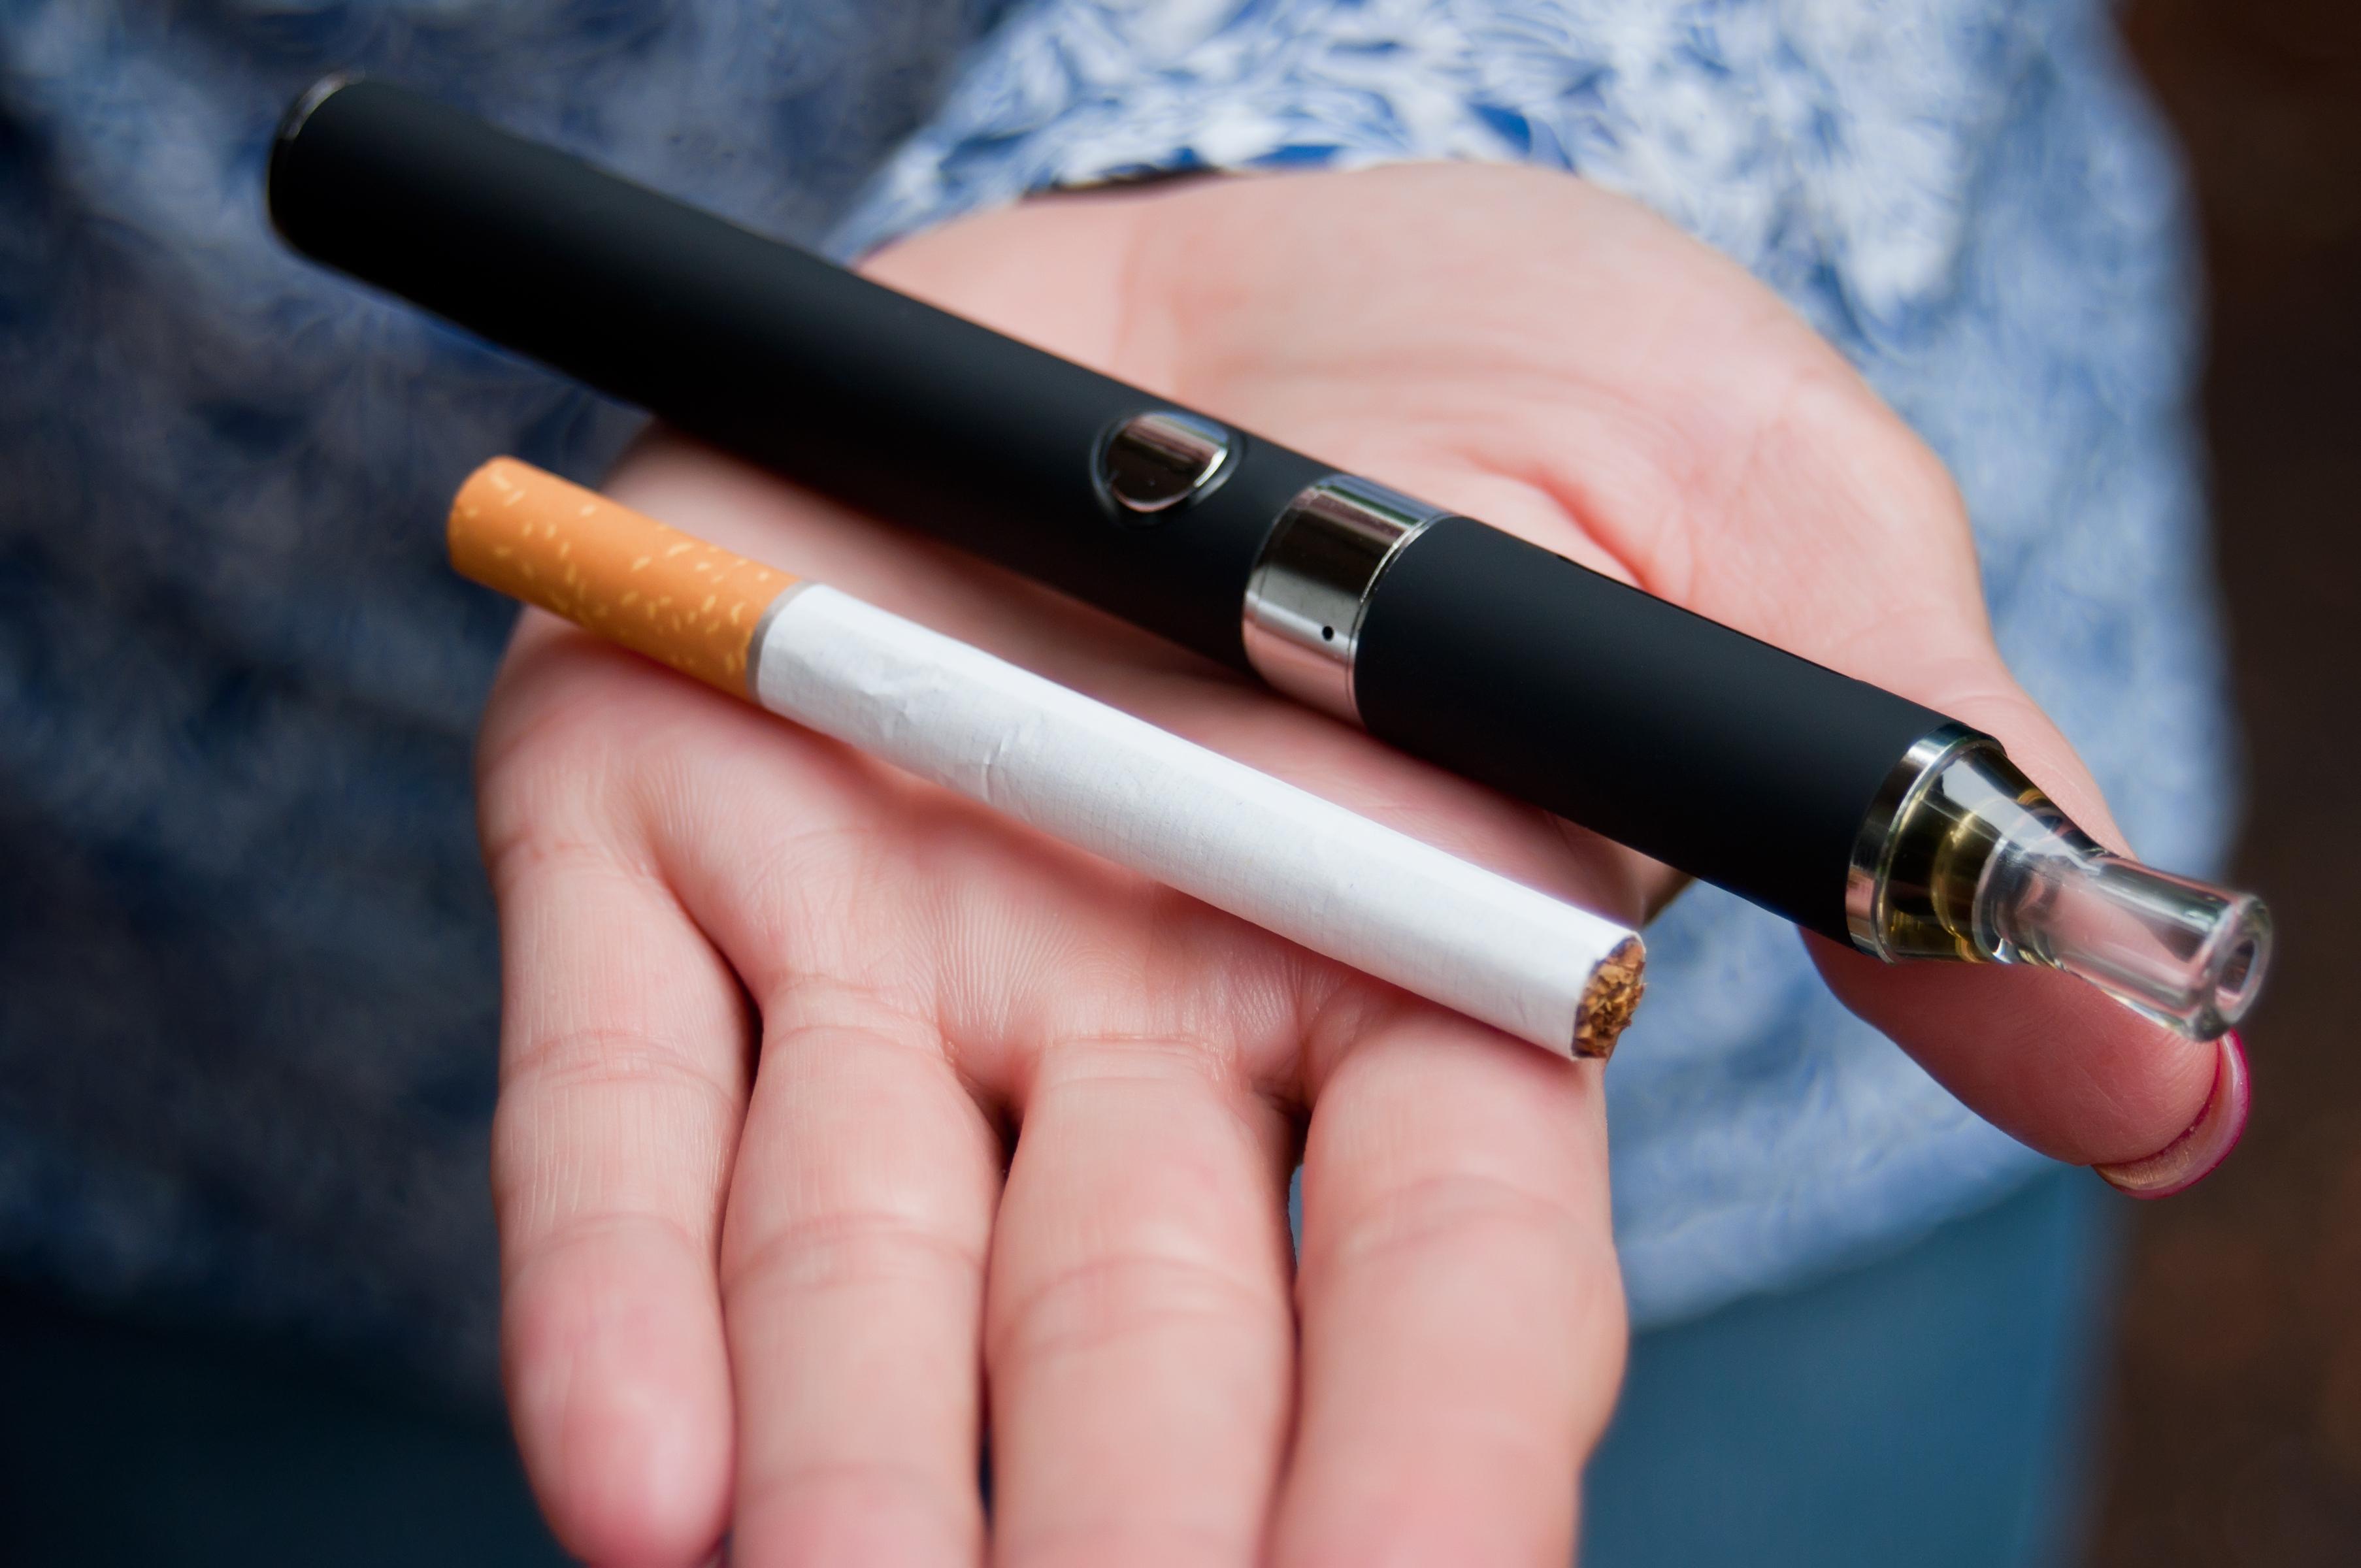 Det har länge debatterats huruvida e-cigaretter ökar risken att börja röka vanliga cigaretter.